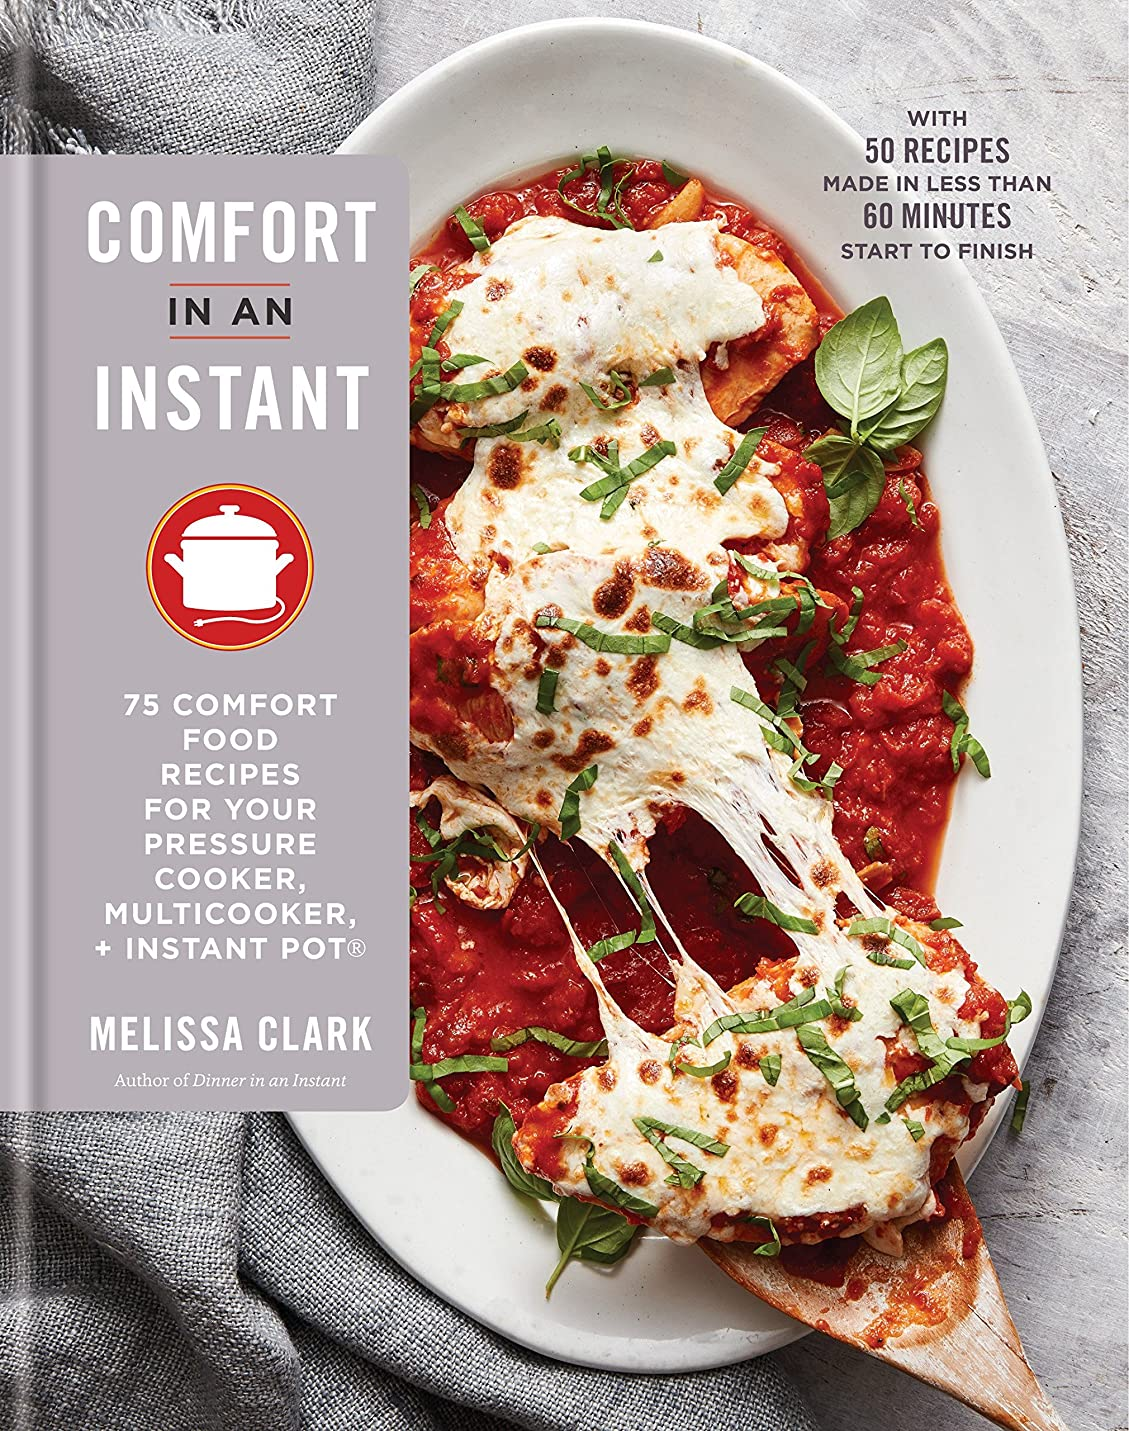 アルコール彼女イノセンスComfort in an Instant: 75 Comfort Food Recipes for Your Pressure Cooker, Multicooker, and InstantPot? : A Cookbook (English Edition)